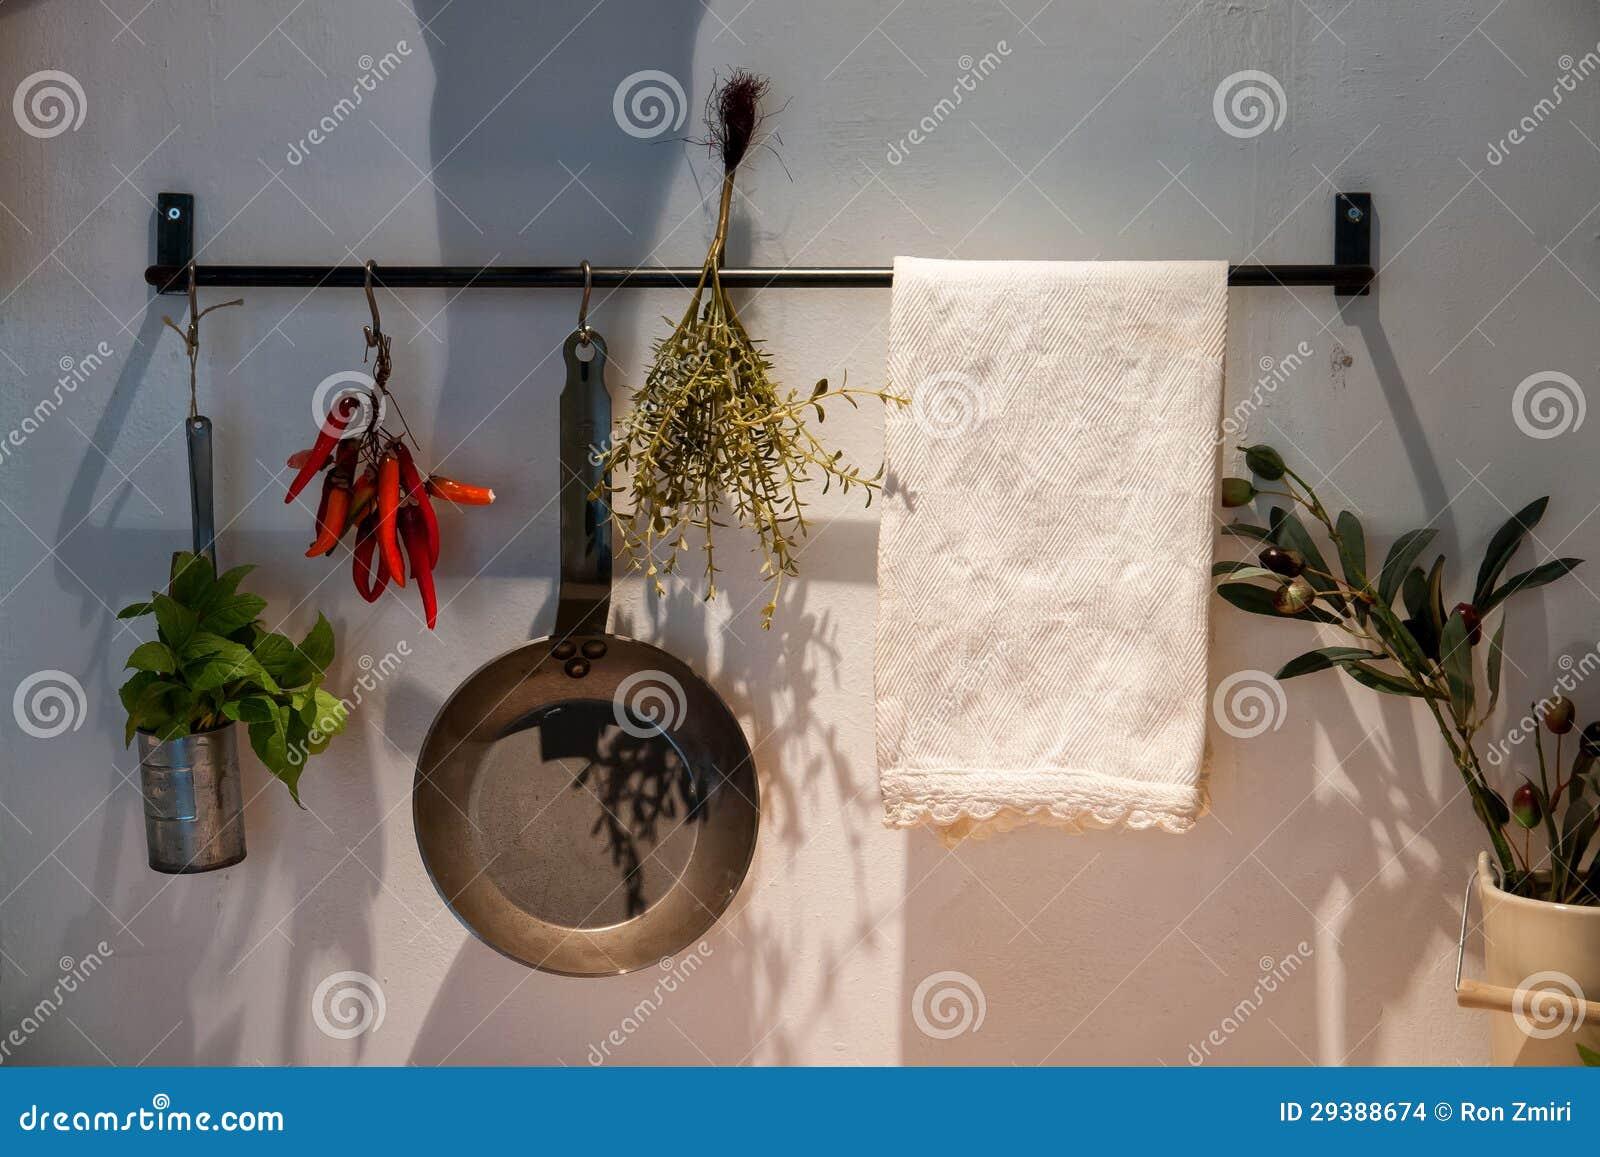 De decoratie van de keuken met het hangen van potten en pannen stock foto afbeelding 29388674 - Decoratie van toiletten ...